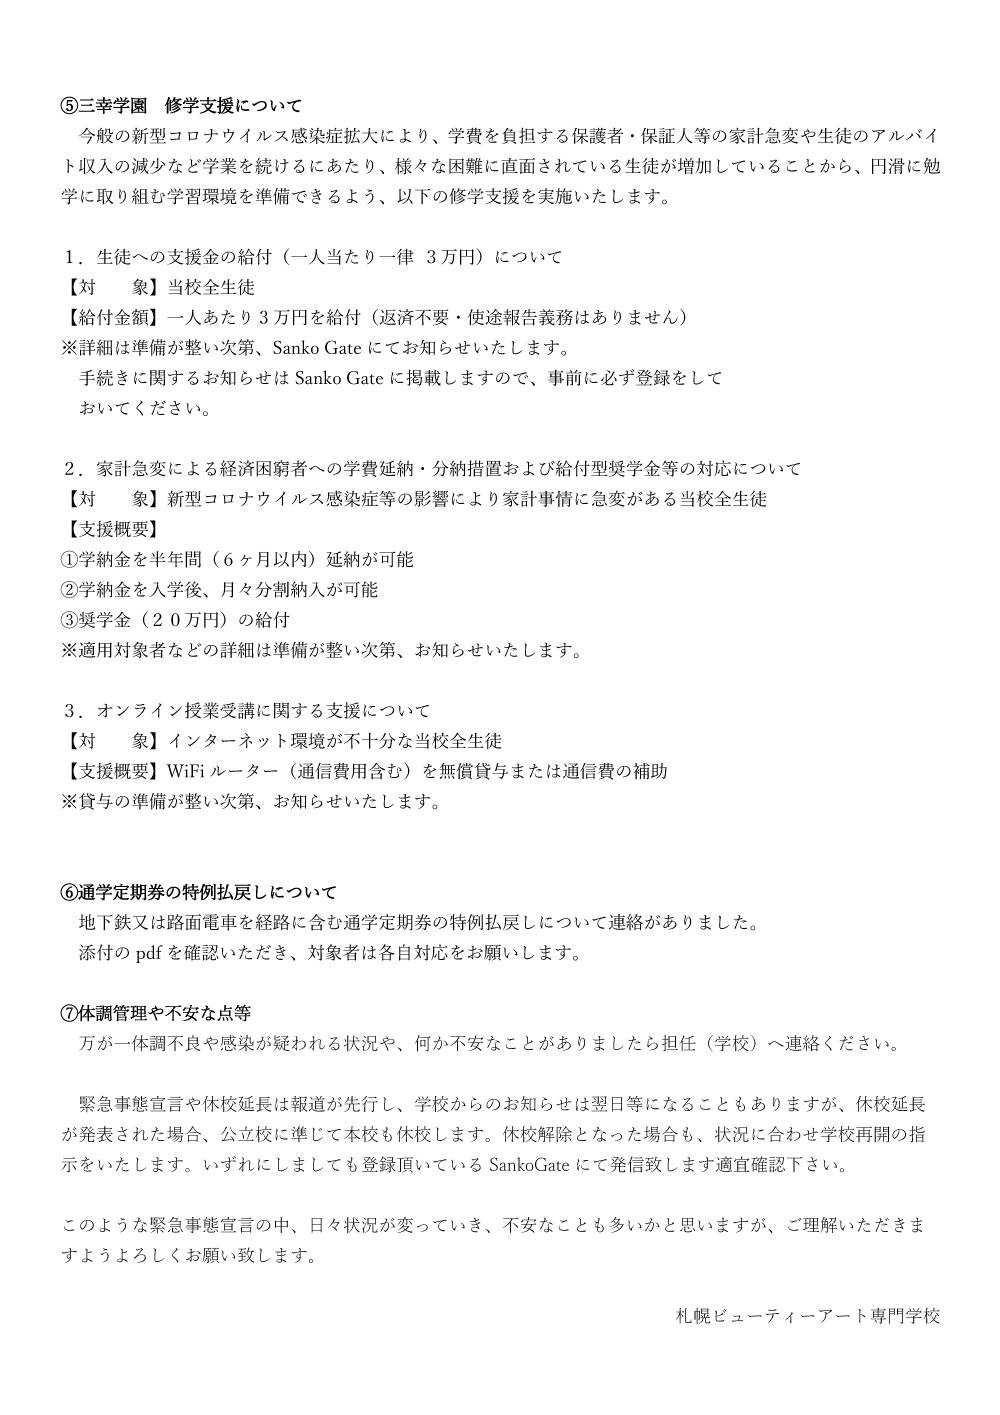 生徒保護者発信文20200501-2.jpg